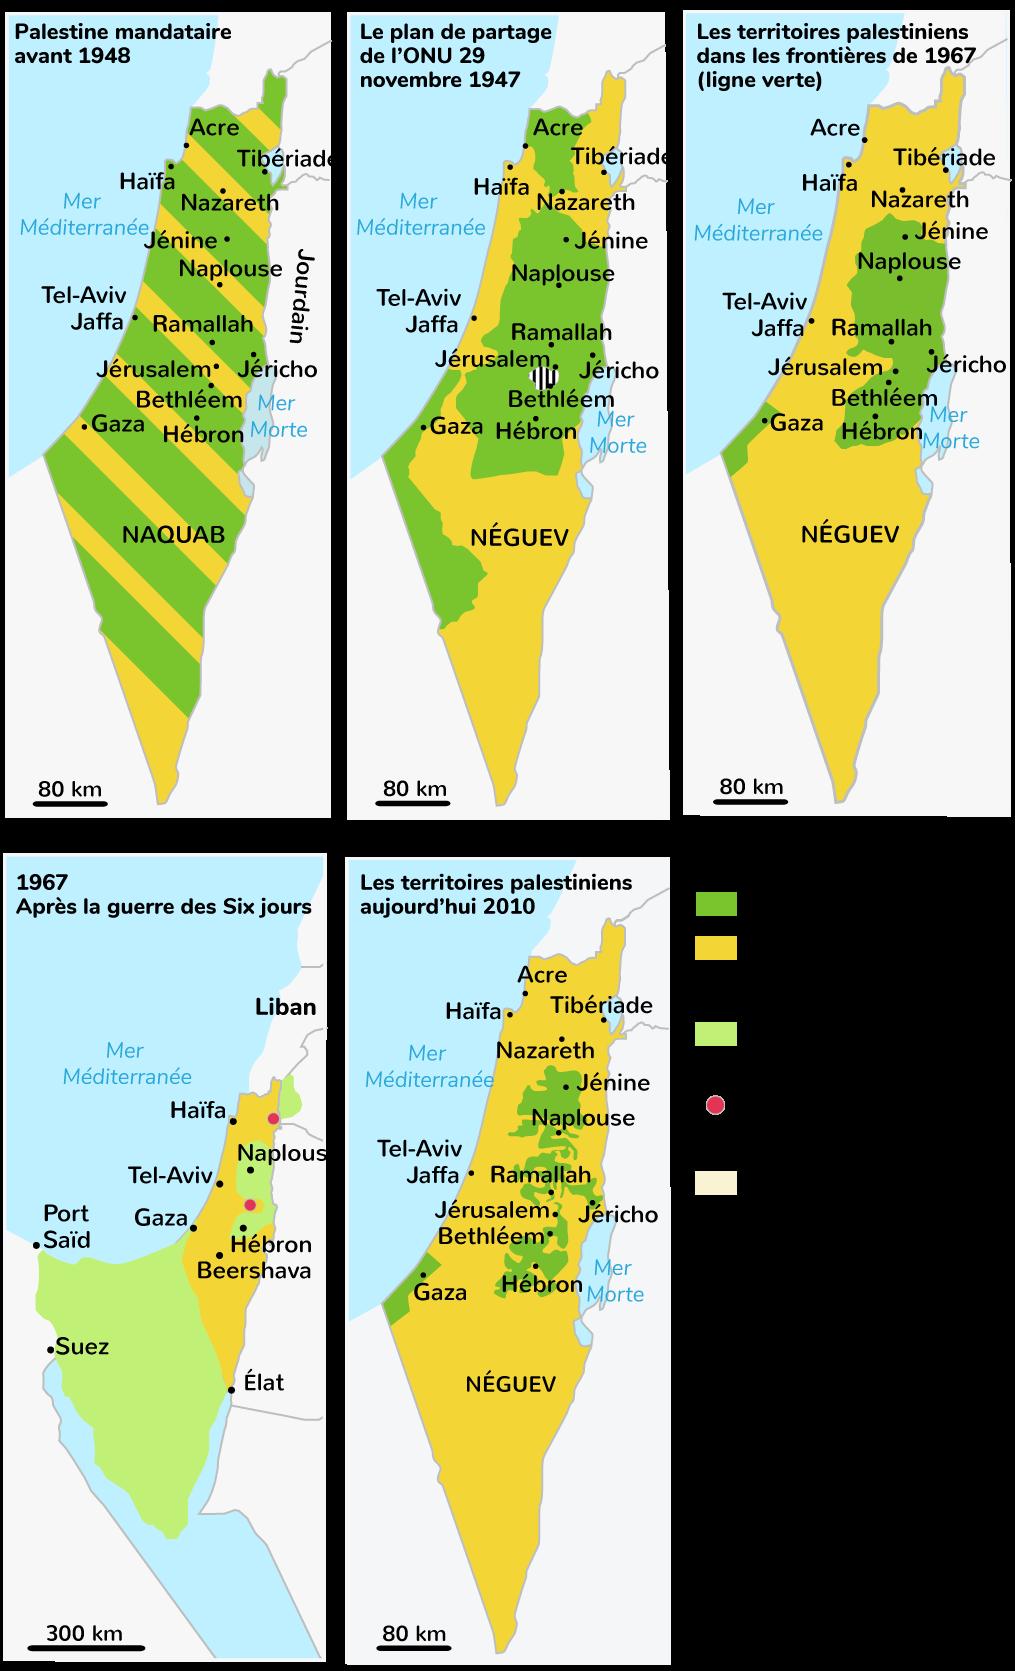 la création d'Israel et les conflits israelo-palestiniens